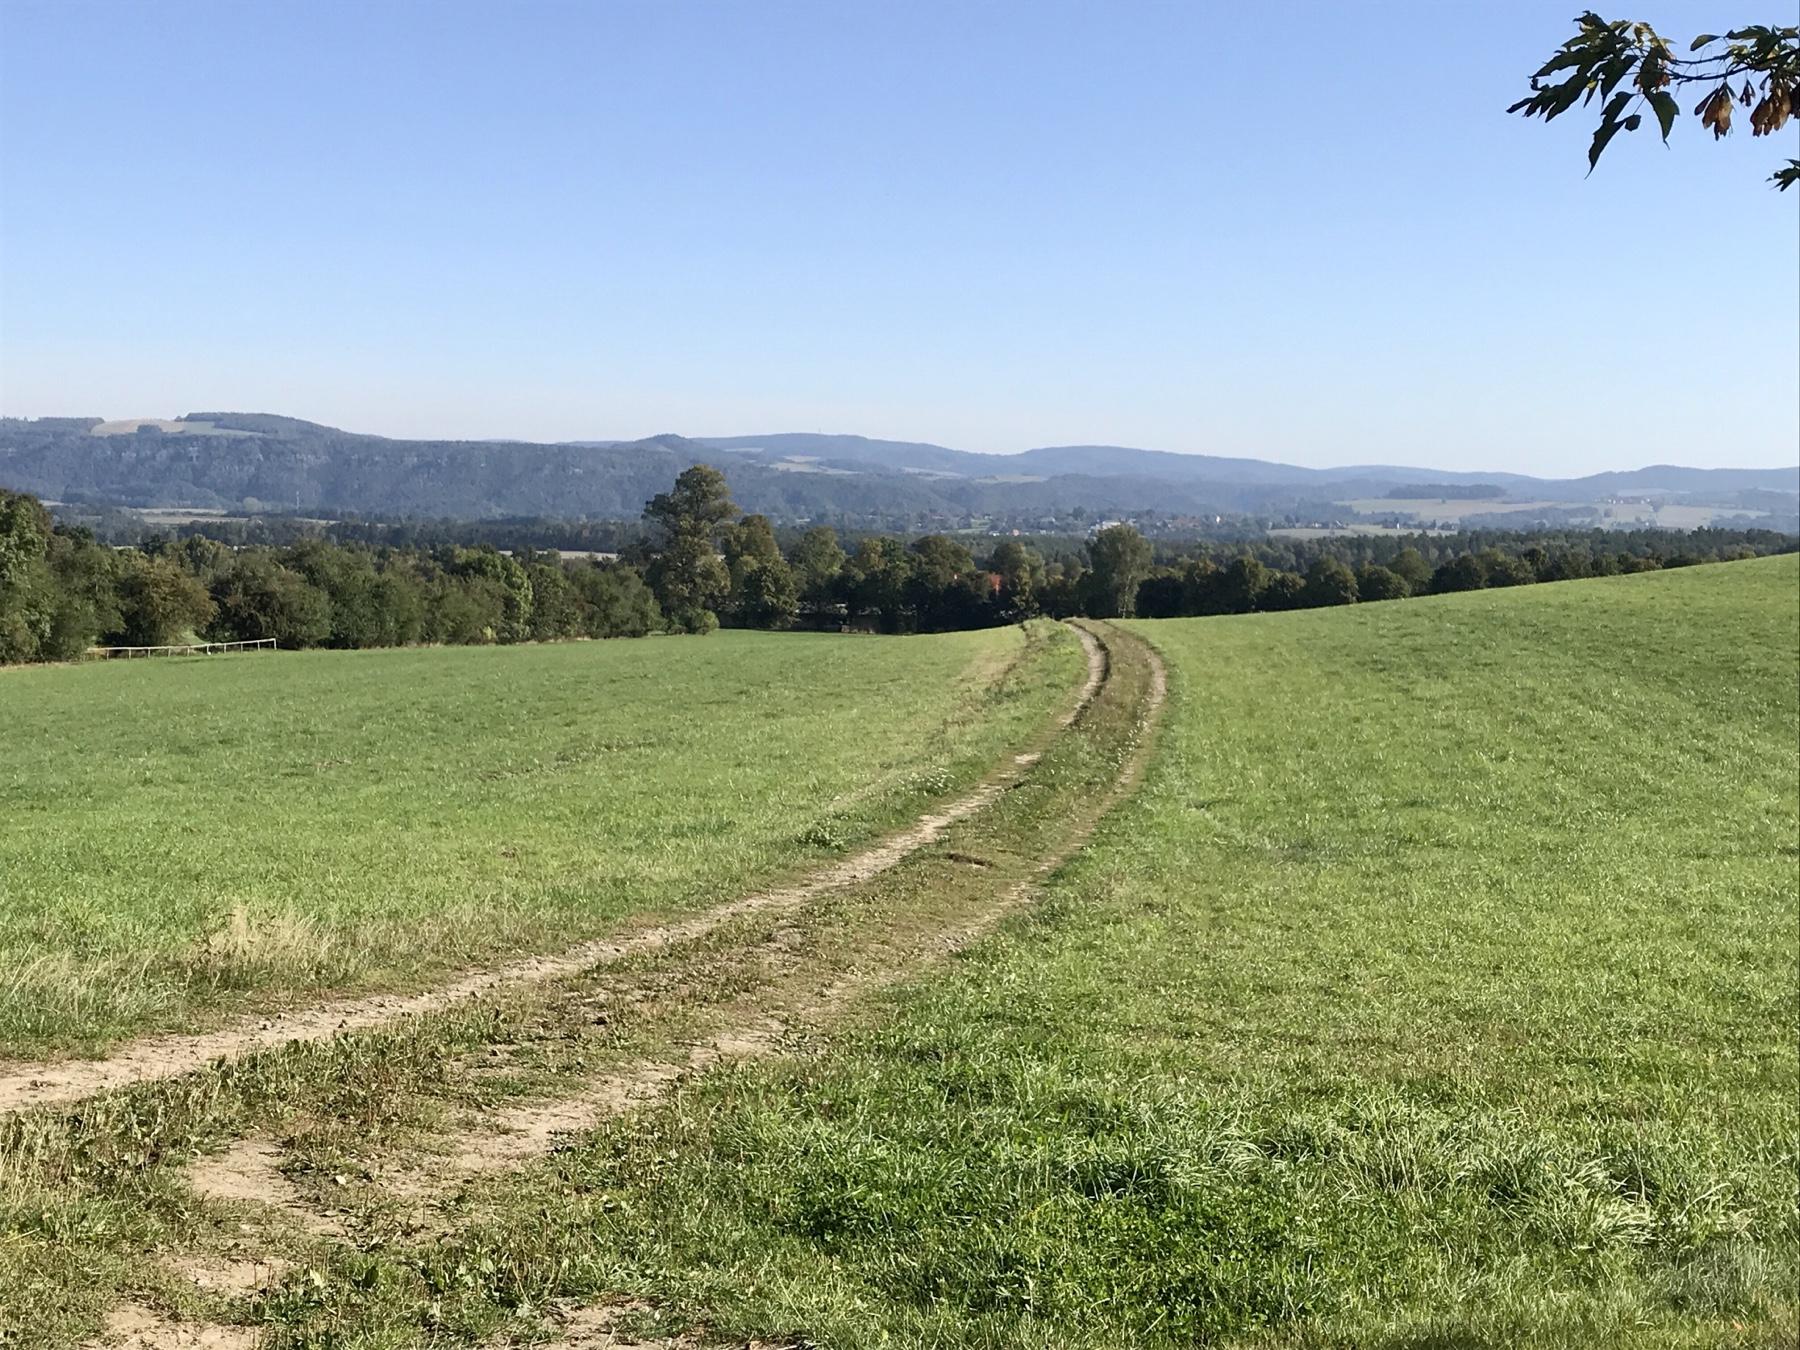 Von Gohrisch zurück auf den Malerweg, Etappe 7 nach Königstein